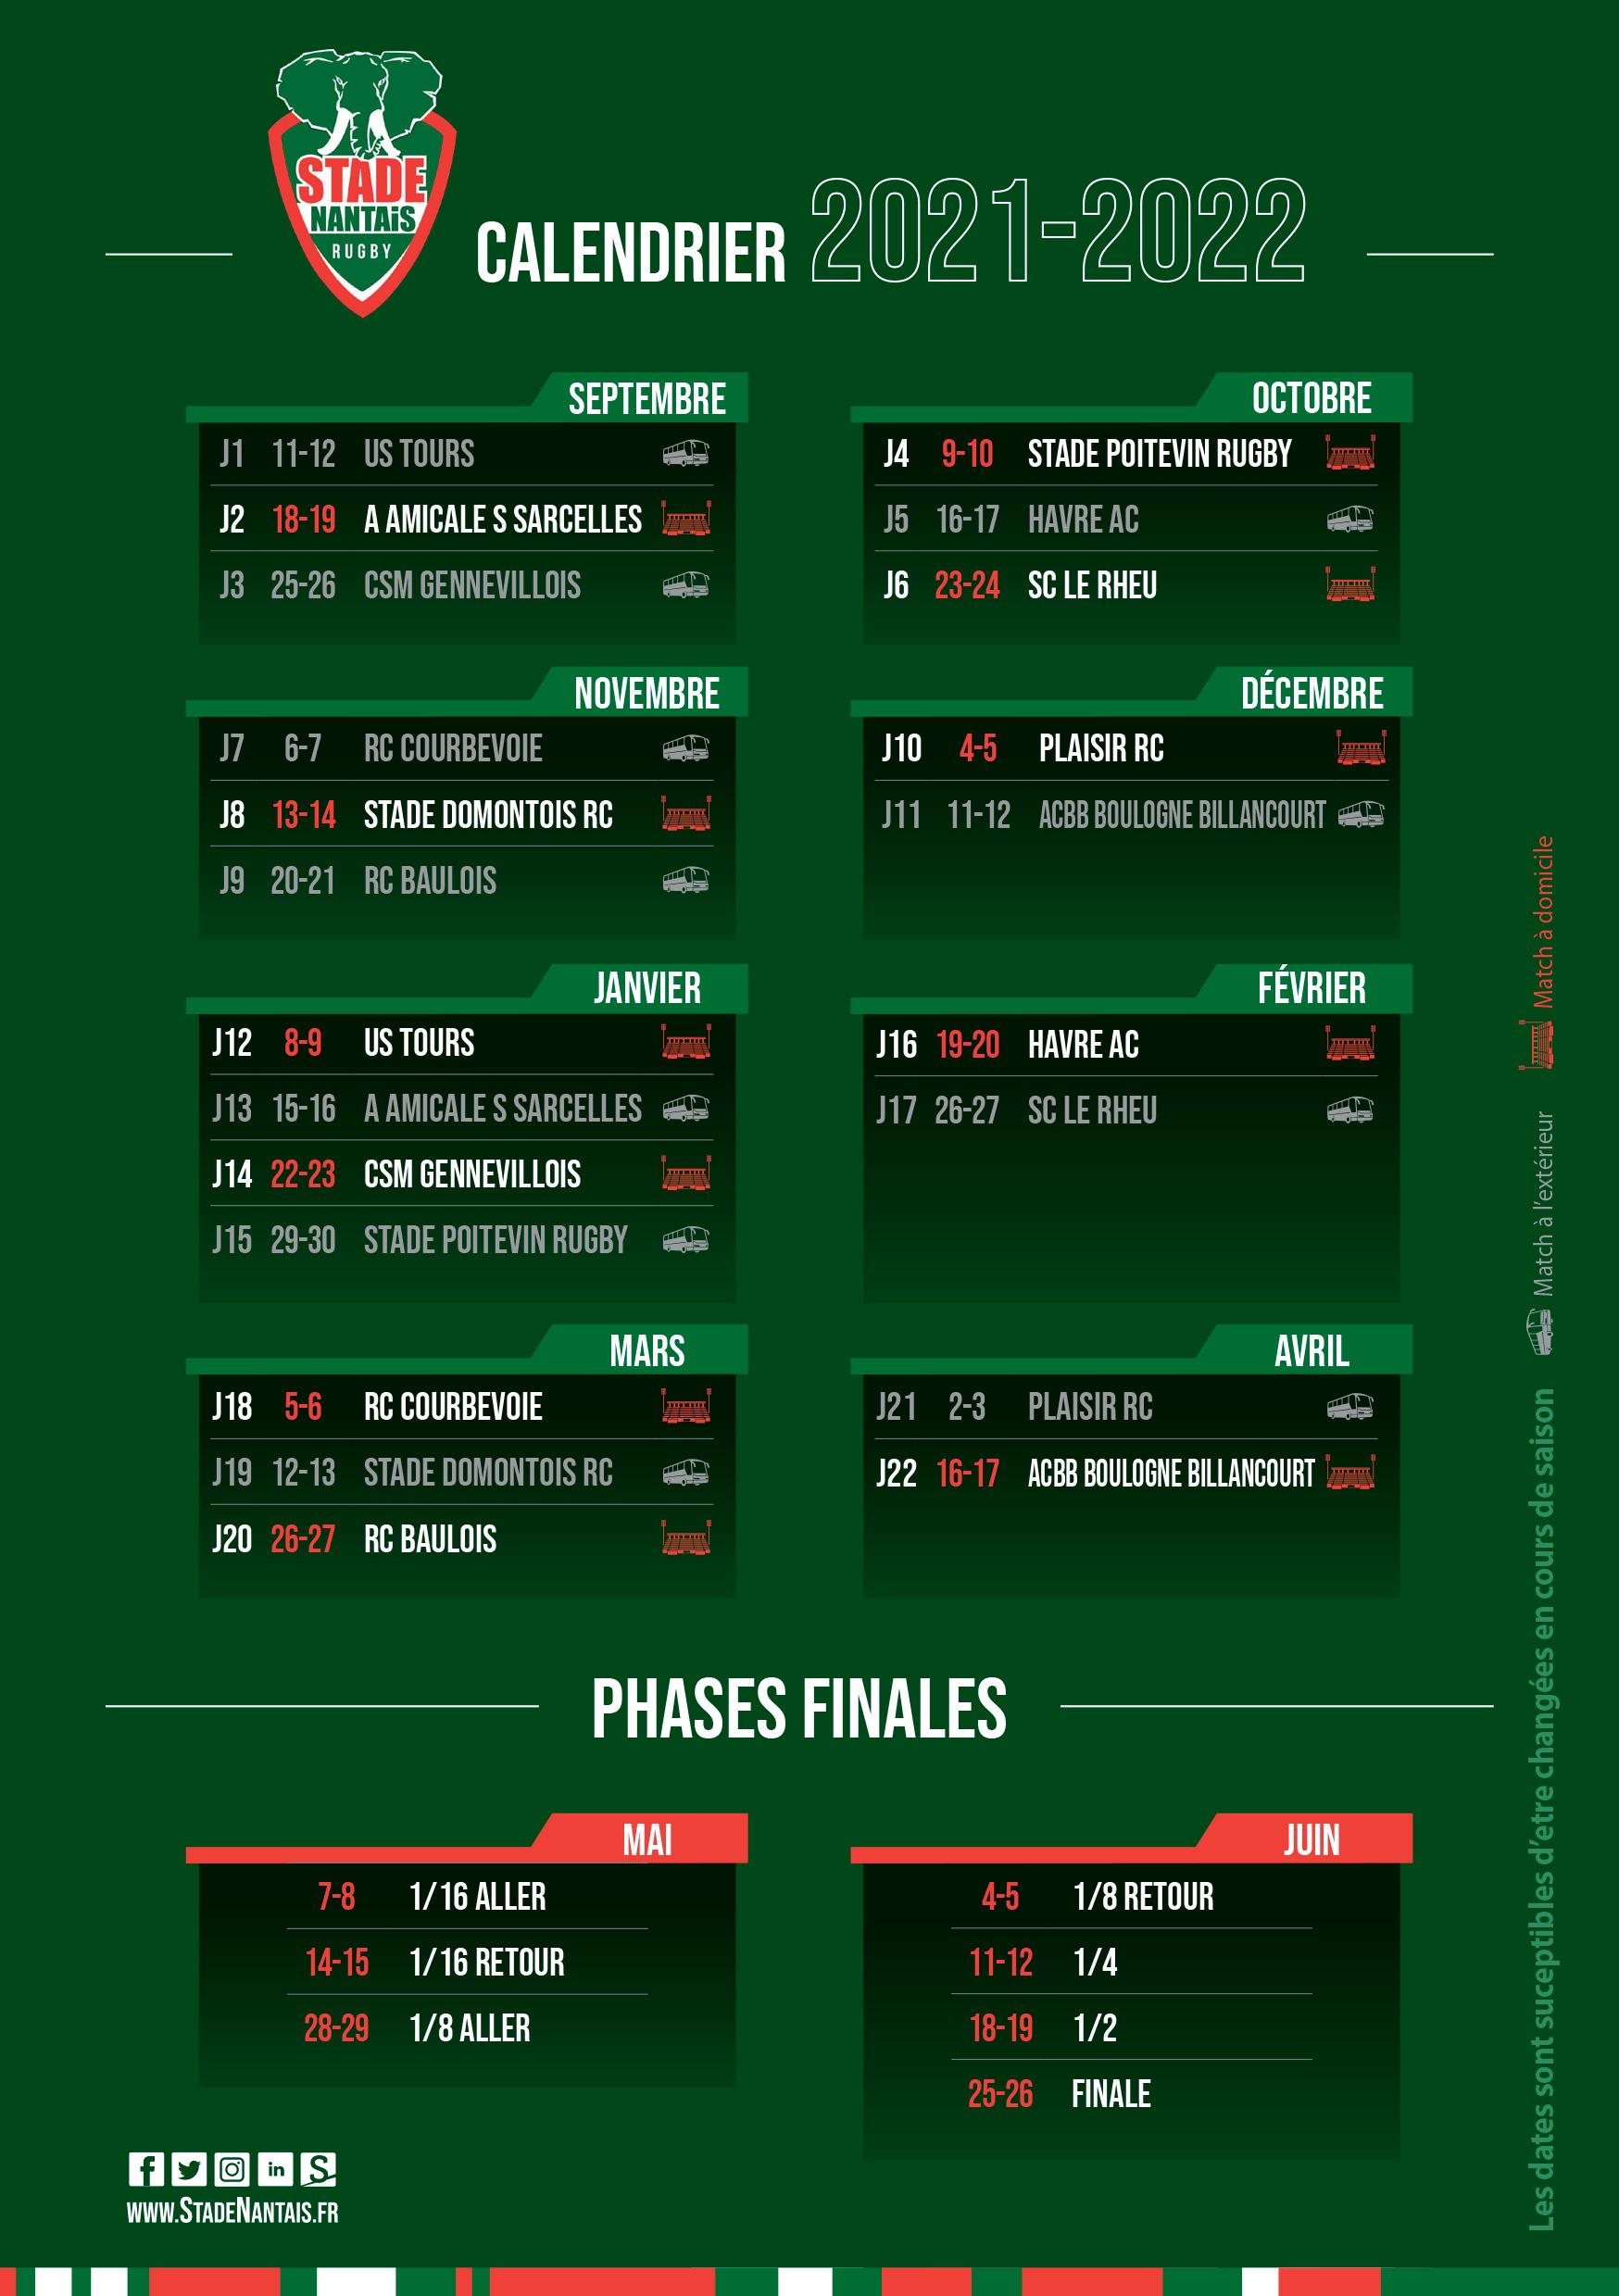 Calendrier Mcdo Avril 2022 Stade Nantais | Calendrier Saison 21/22